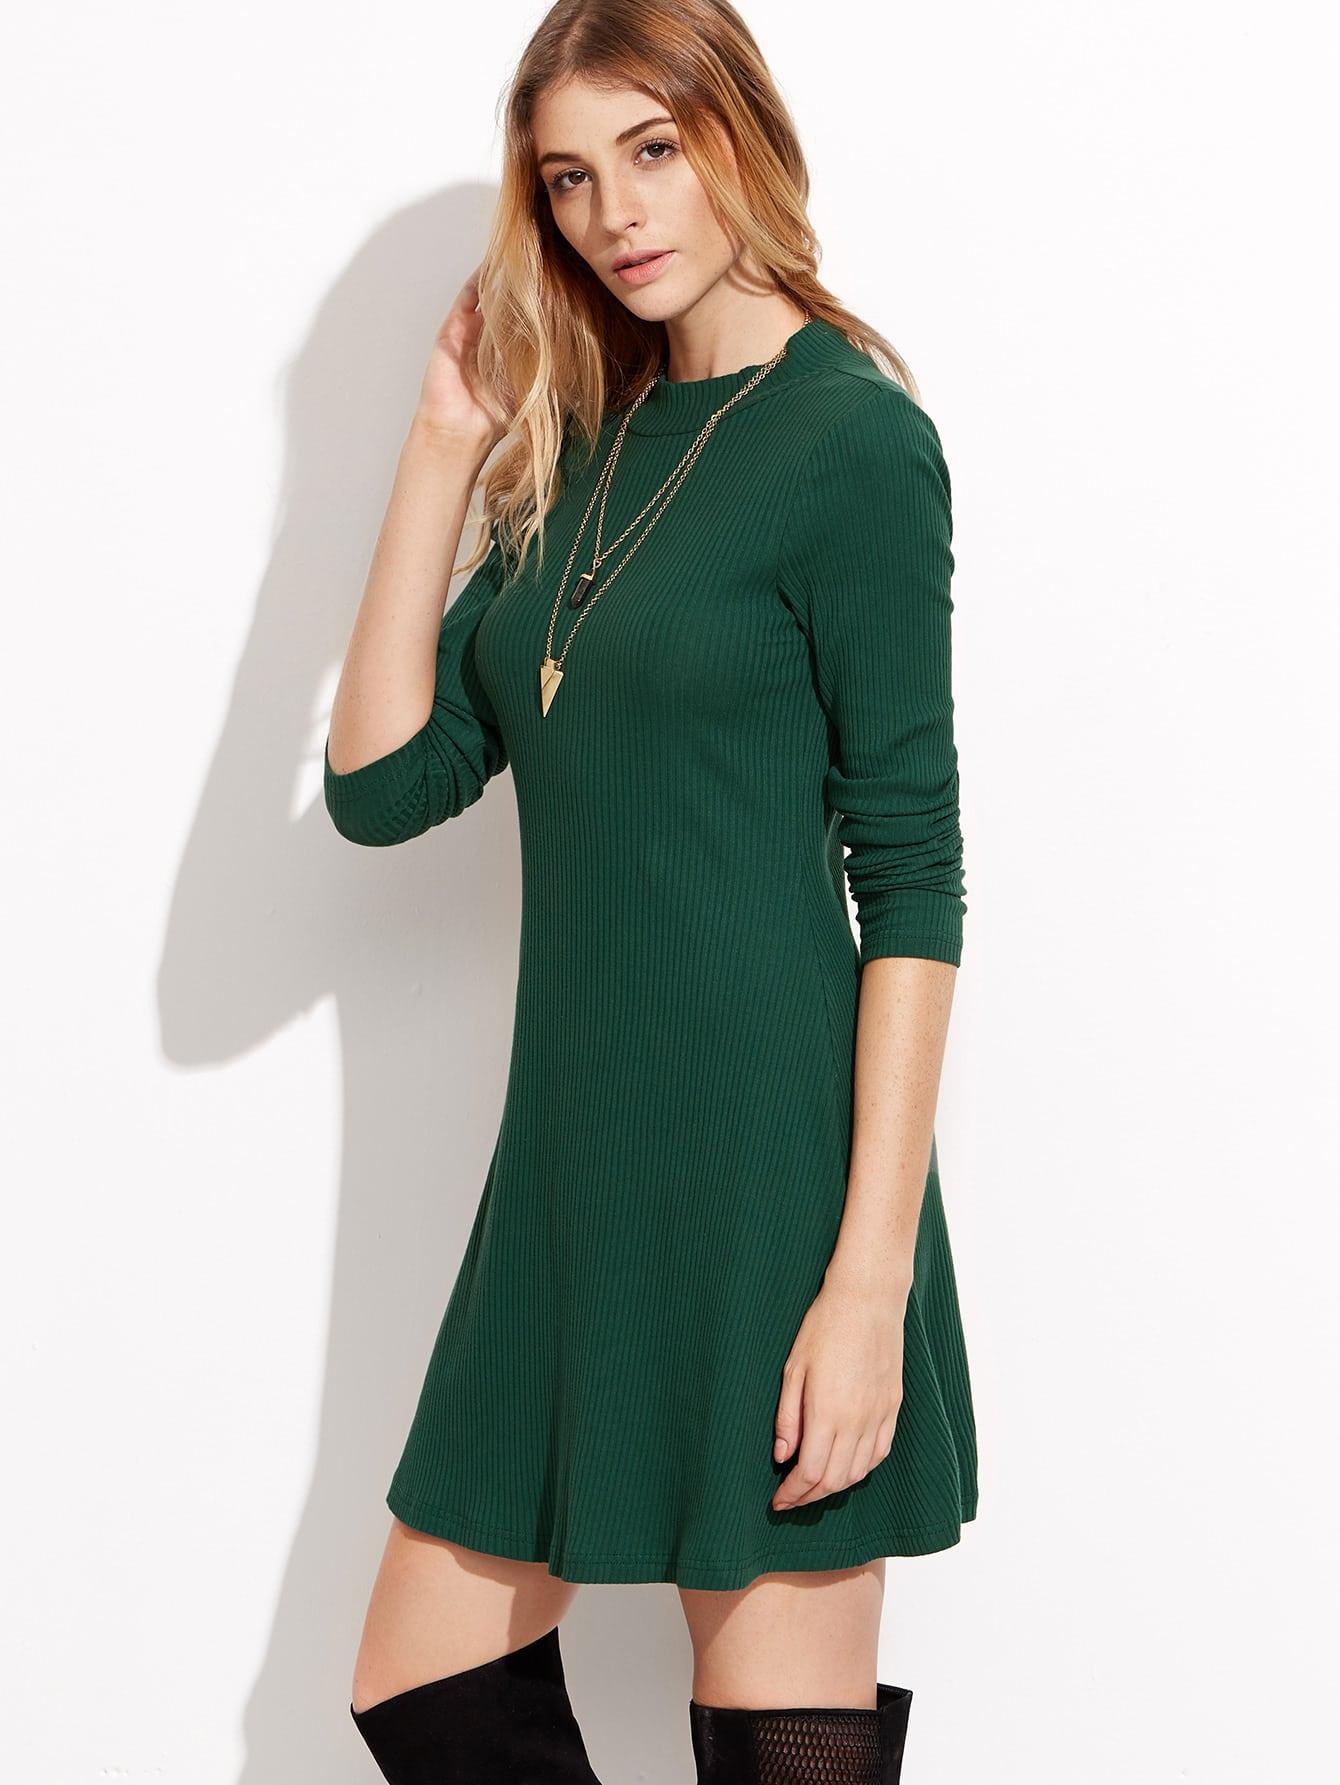 dress160830708_2